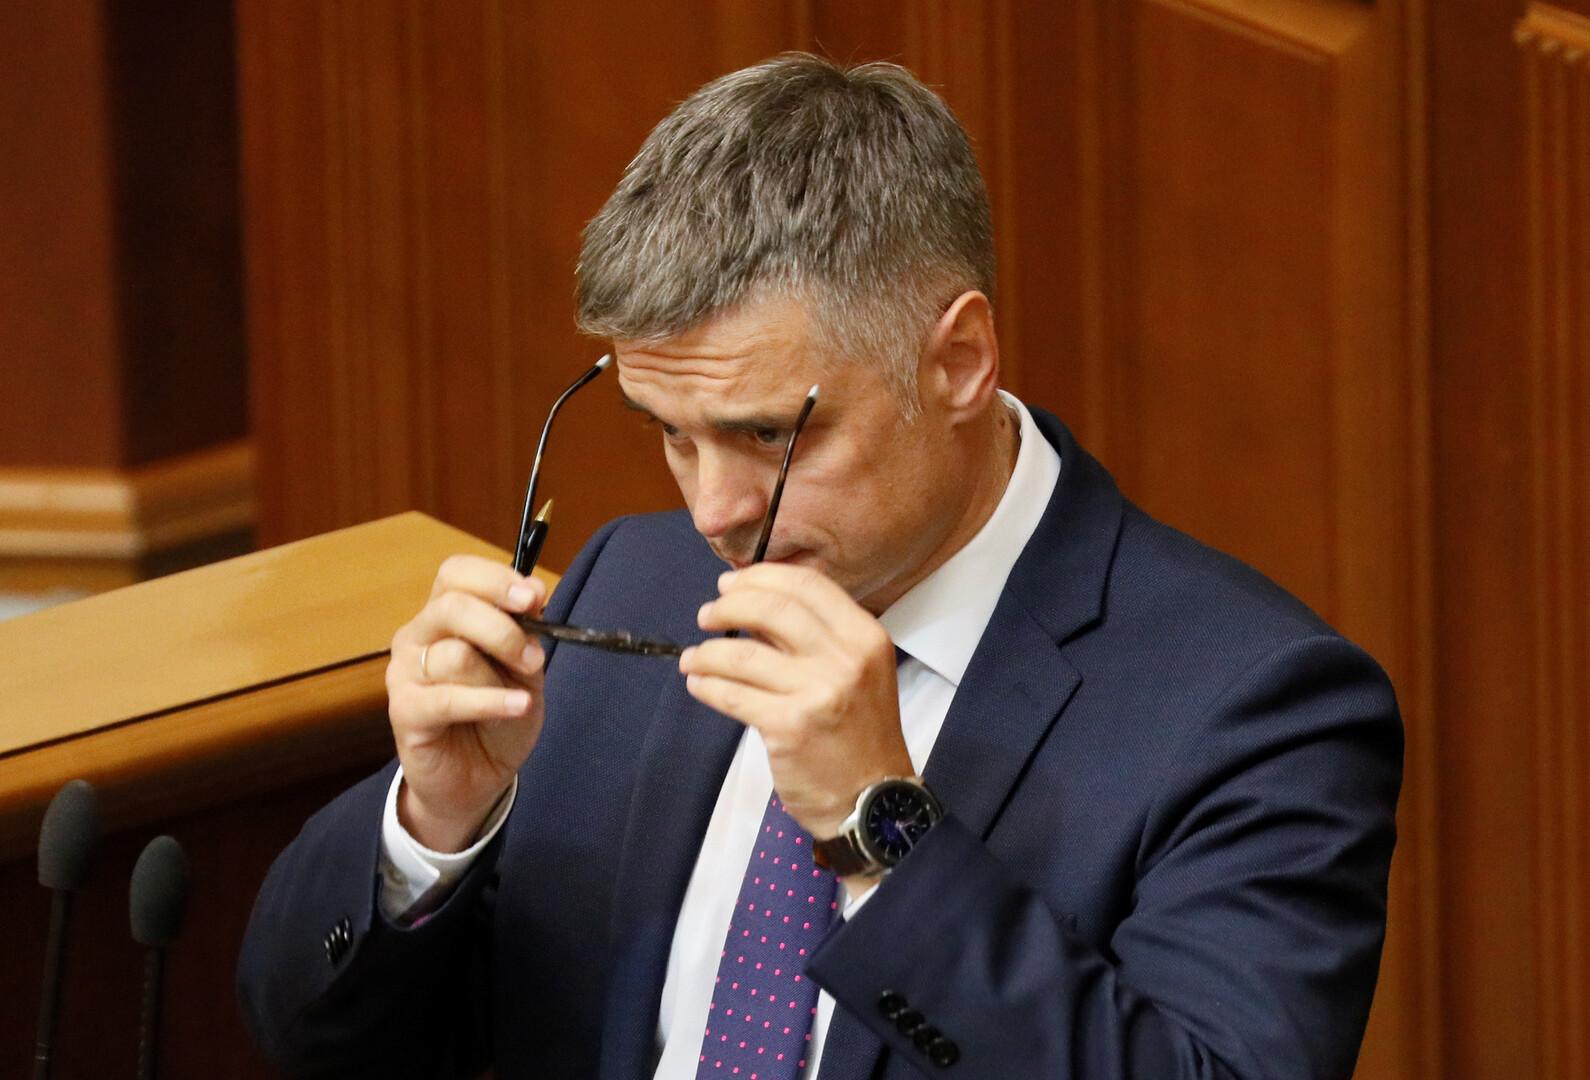 في تعارض مع اتفاقات مينسك.. كييف لن تعدل الدستور بخصوص الوضع الخاص لدونباس